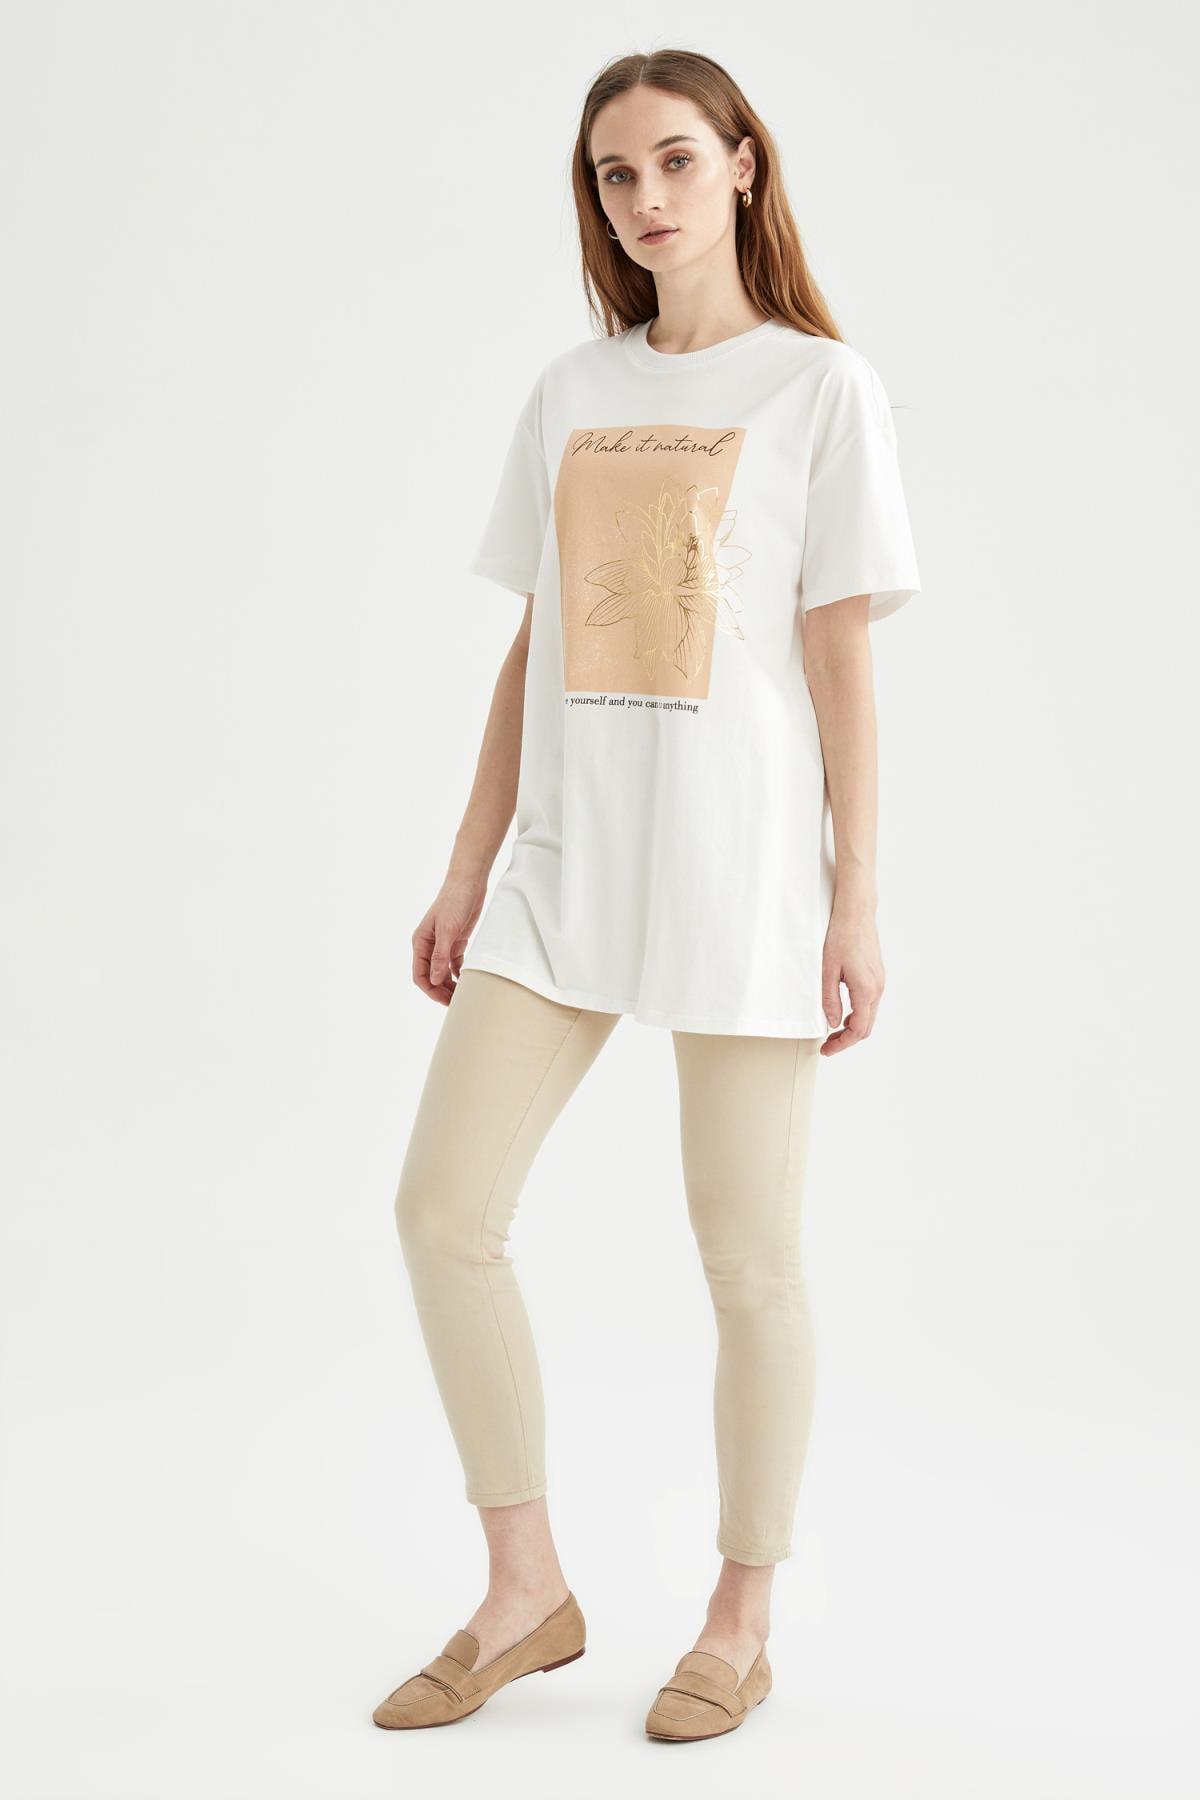 DeFacto Slogan Baskılı Oversize Fit Kısa Kollu Tişört Tunik 2